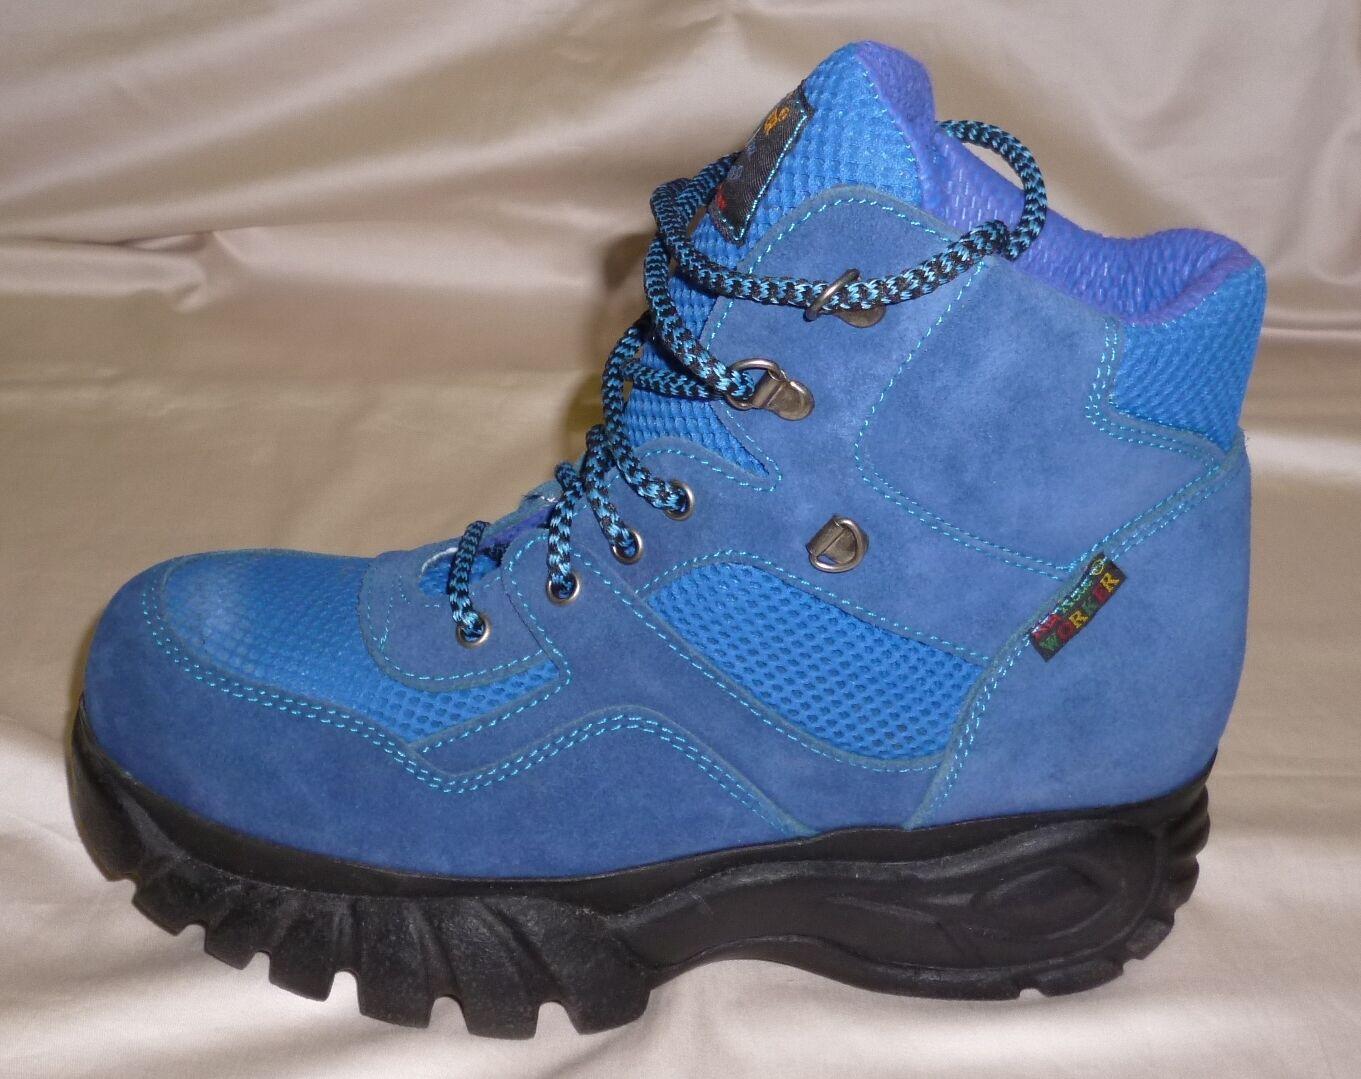 Stiefel Trekking Freizeit  RAIL ROAD WORKER Nubukleder Schnürsenkel blau G.41 NEU